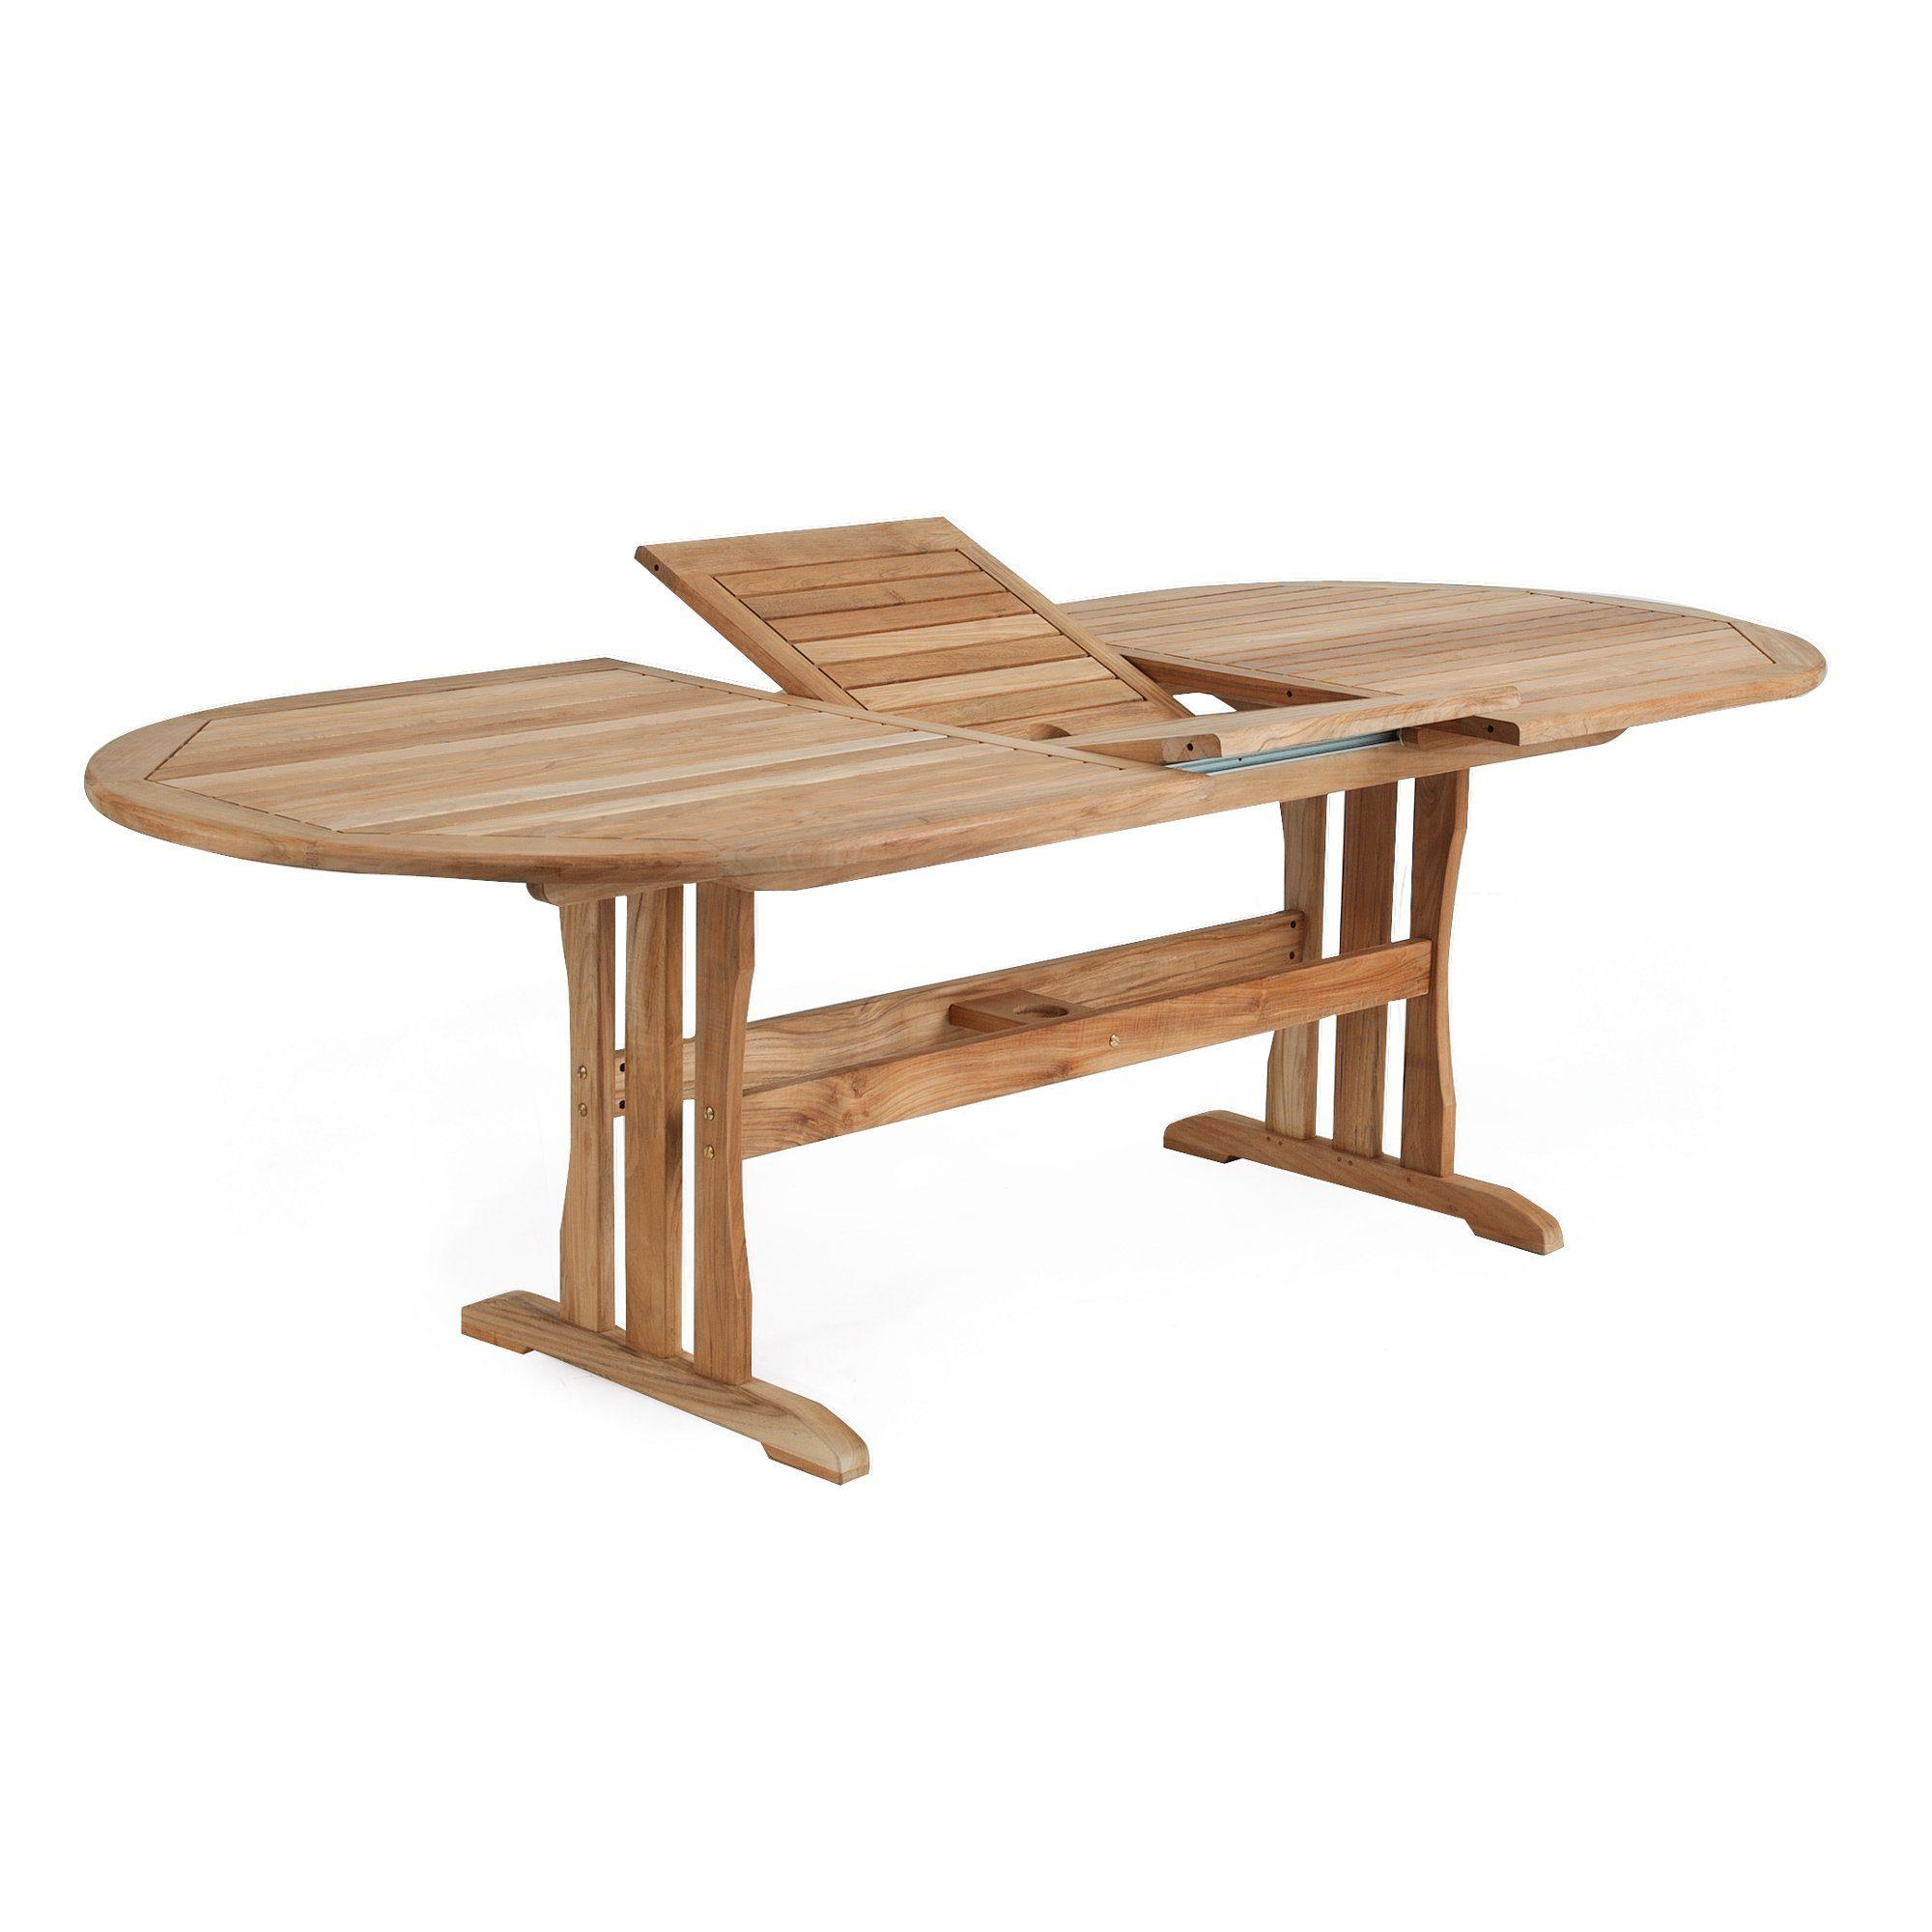 Melbourne förlängningsbord 230-310x110 cm teak